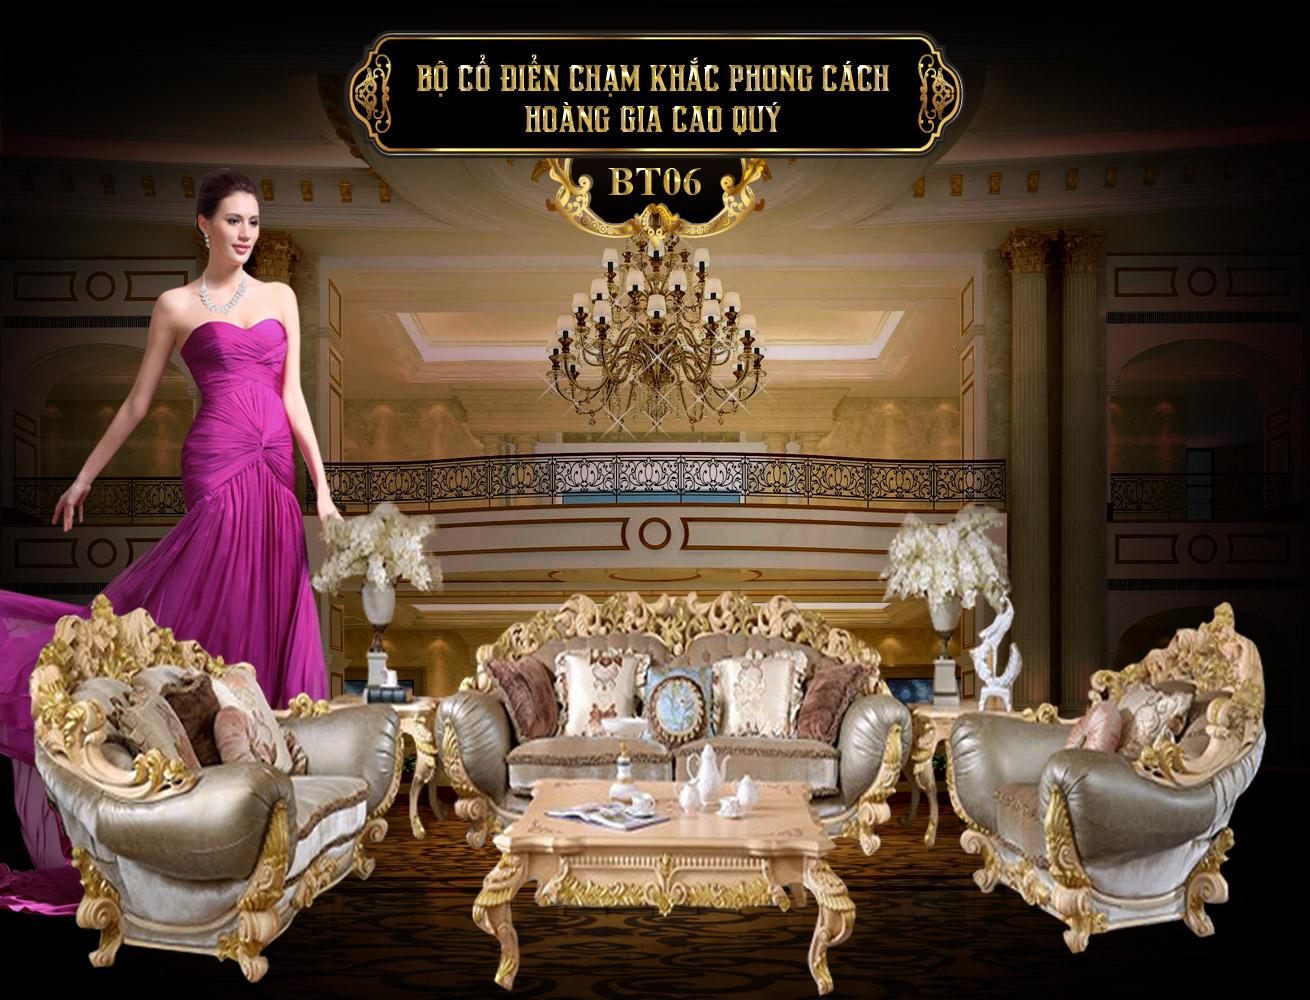 Bộ sưu tập bàn ghế cổ điển châu âu